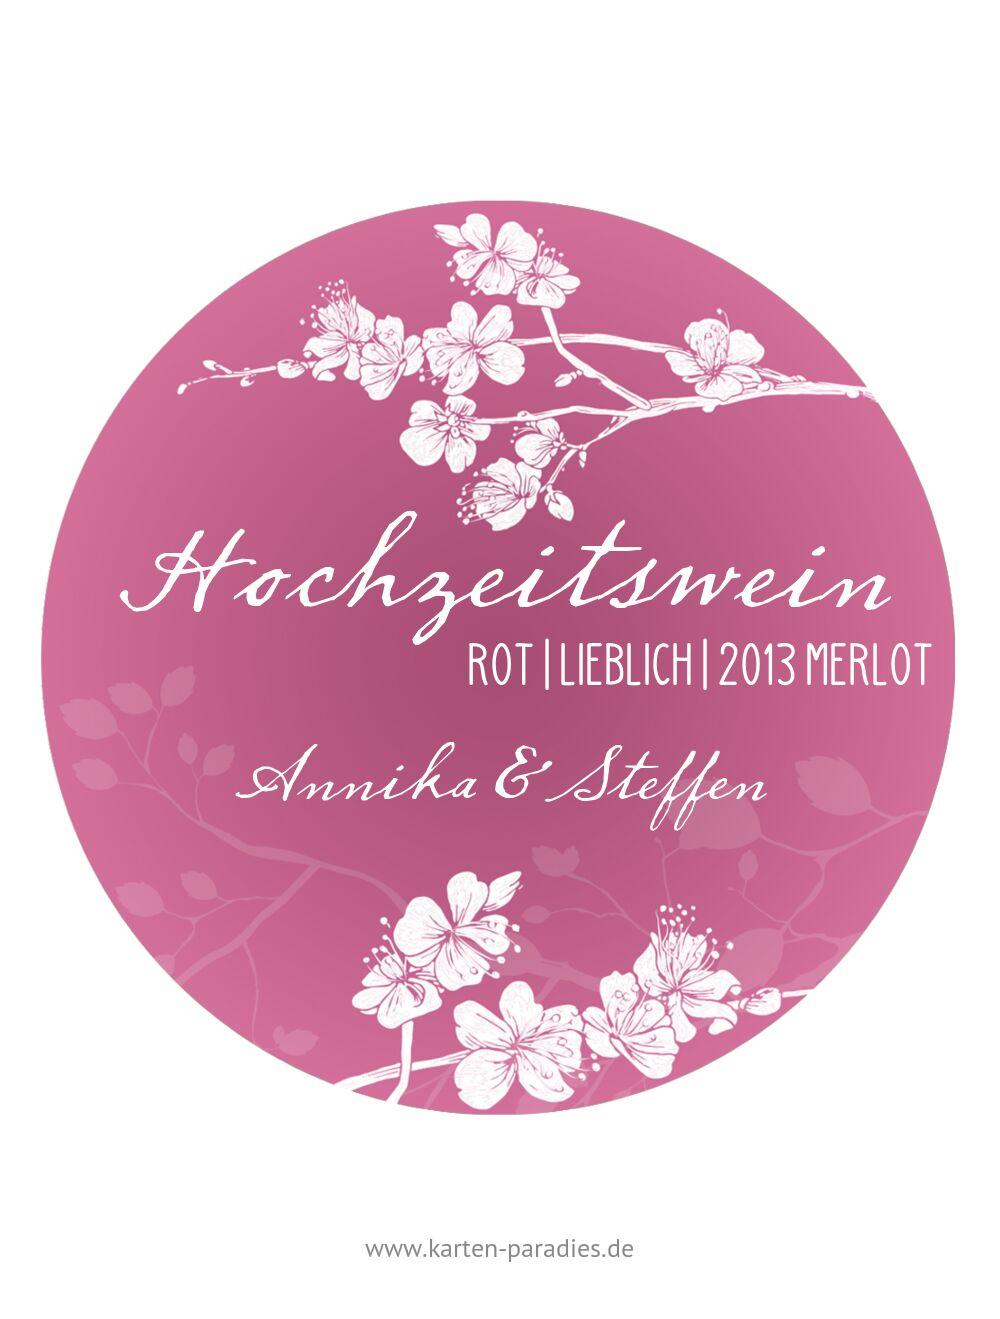 Ansicht 2 - Flaschenetikett Cherry Blossom